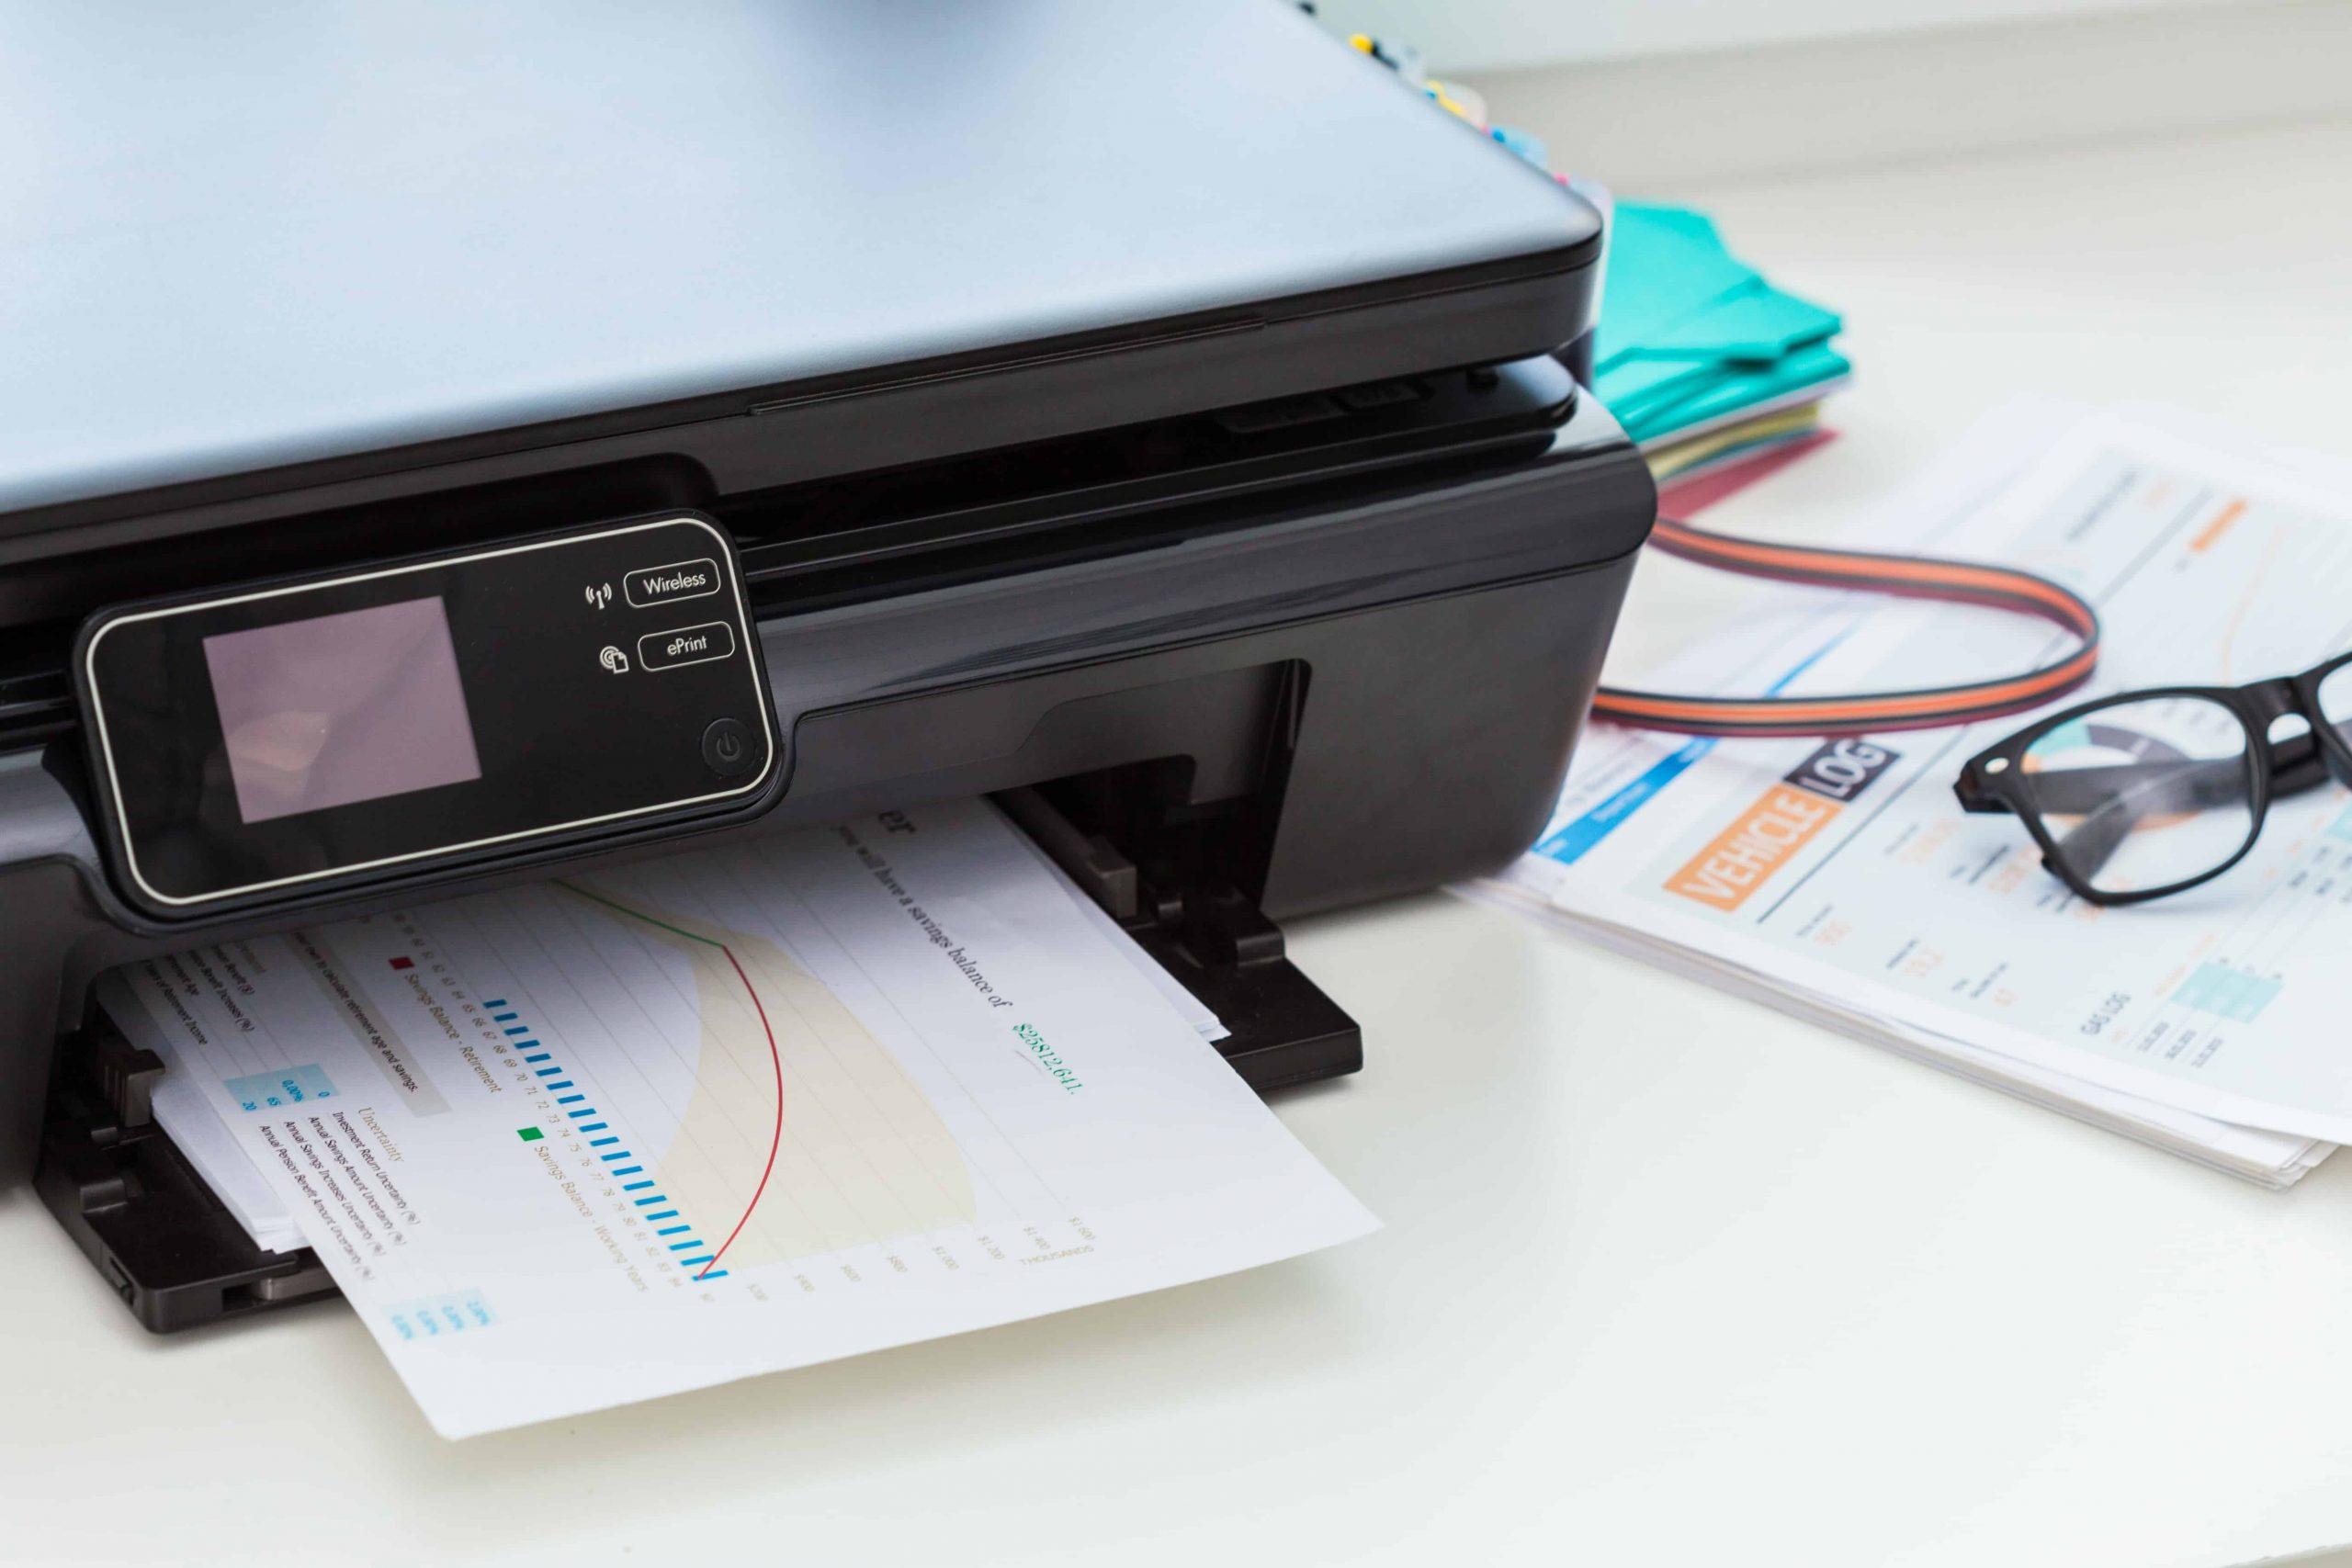 Impresora HP: ¿Cuál es la mejor del 2020?